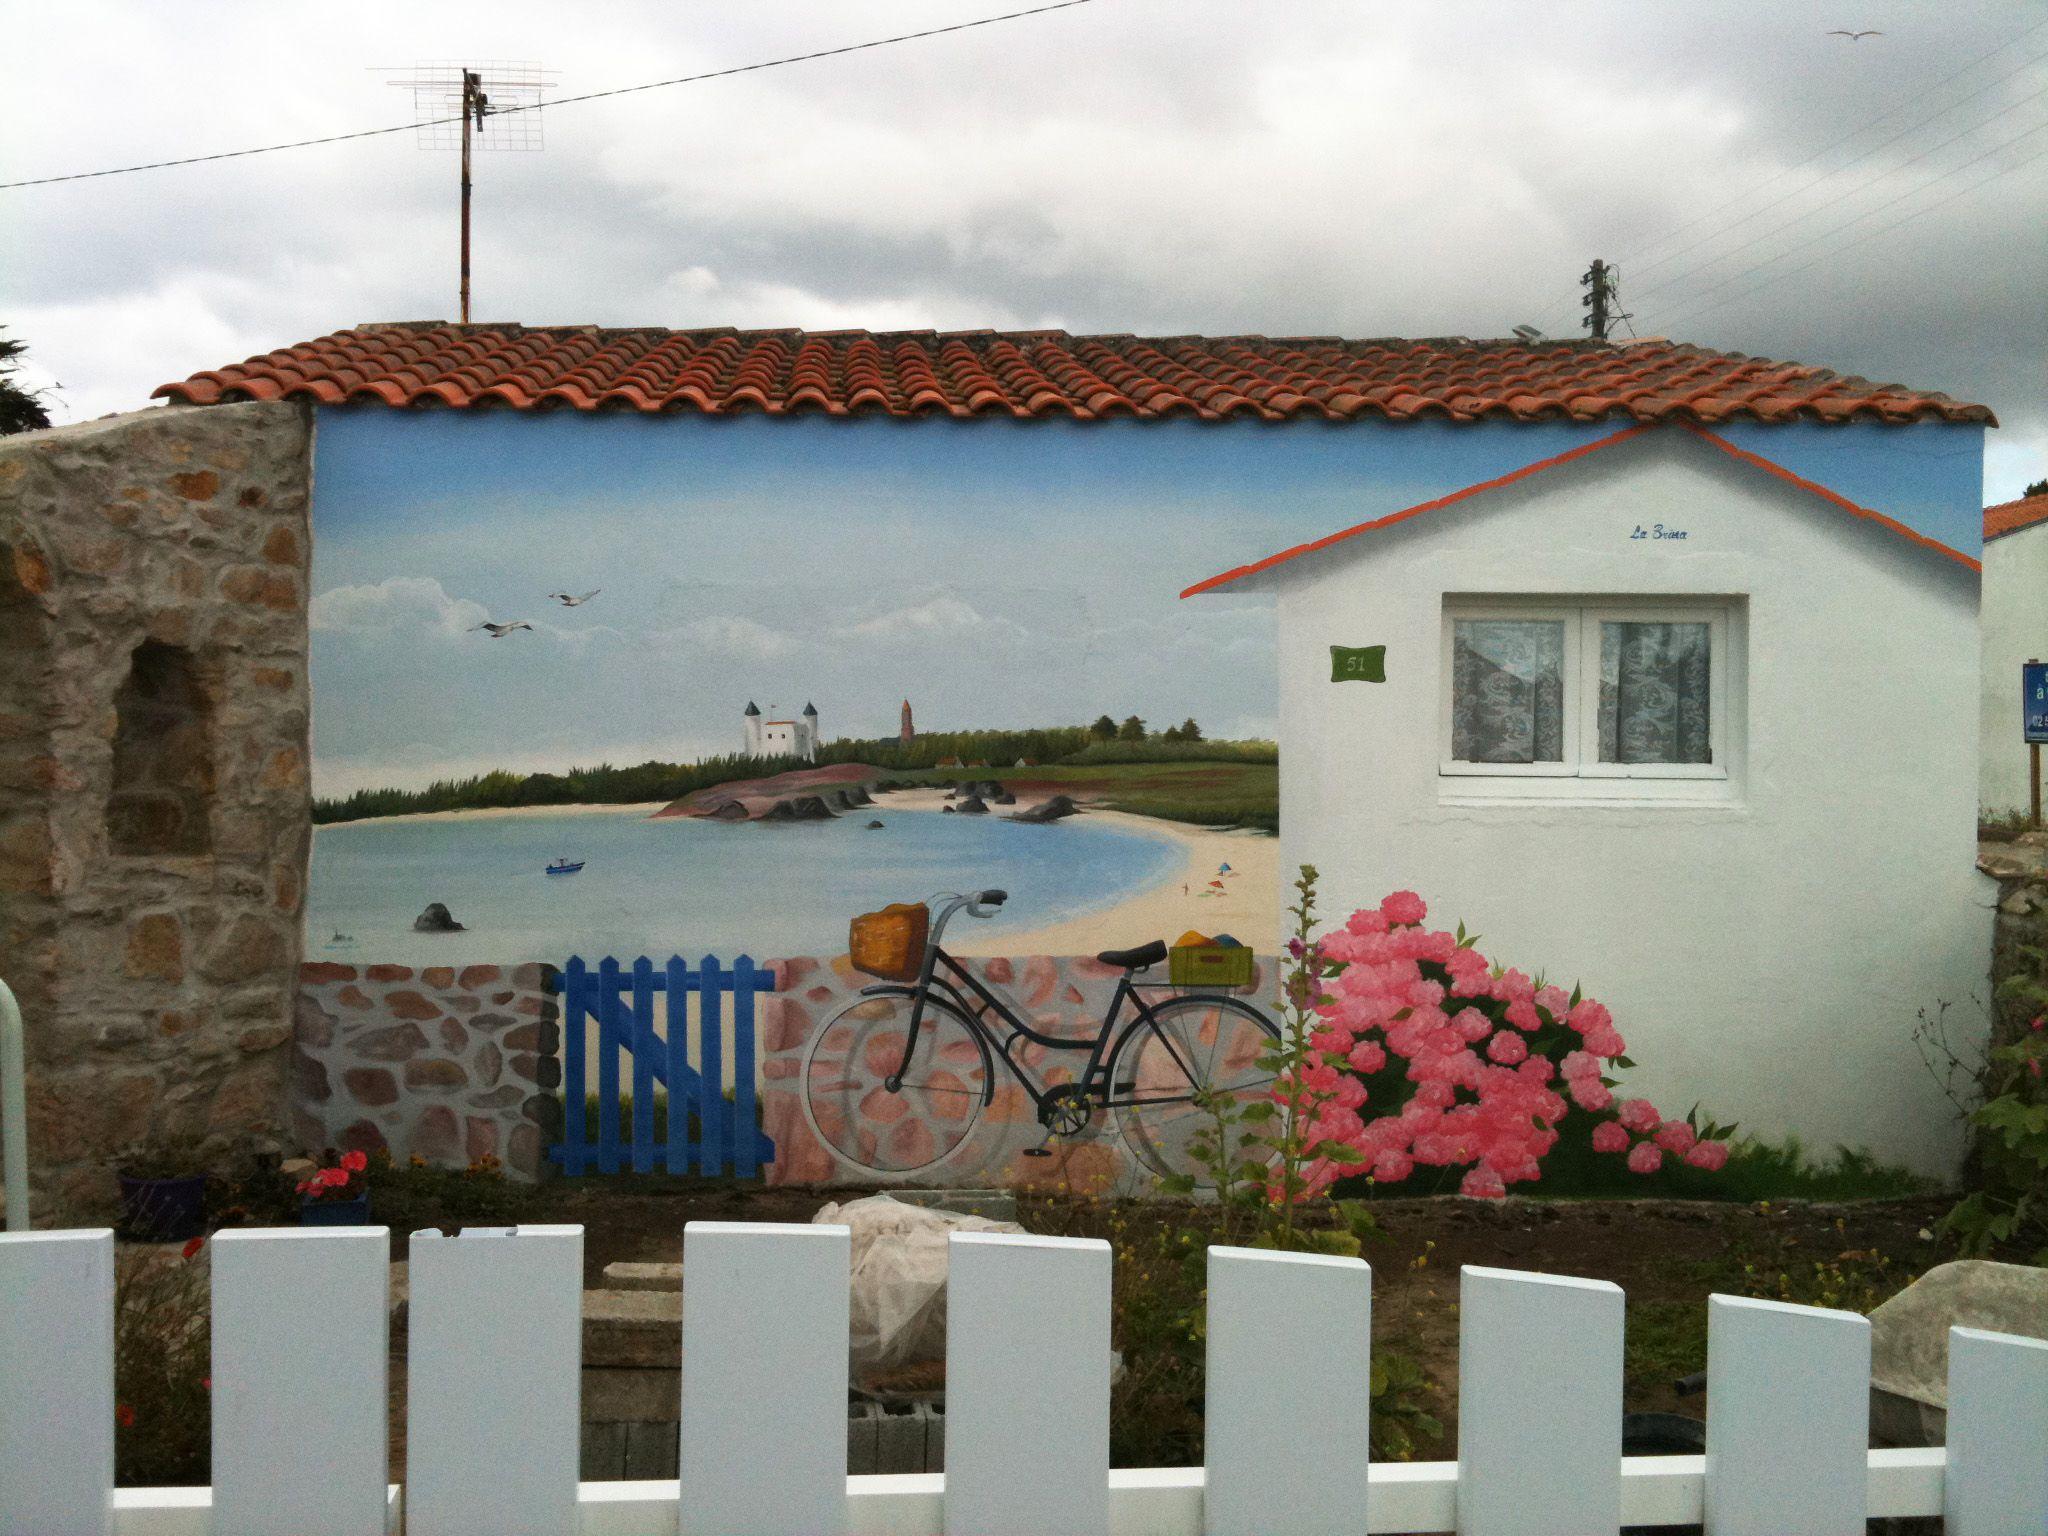 Http://www.peinture Arega85.com/resources/FRESQUE+